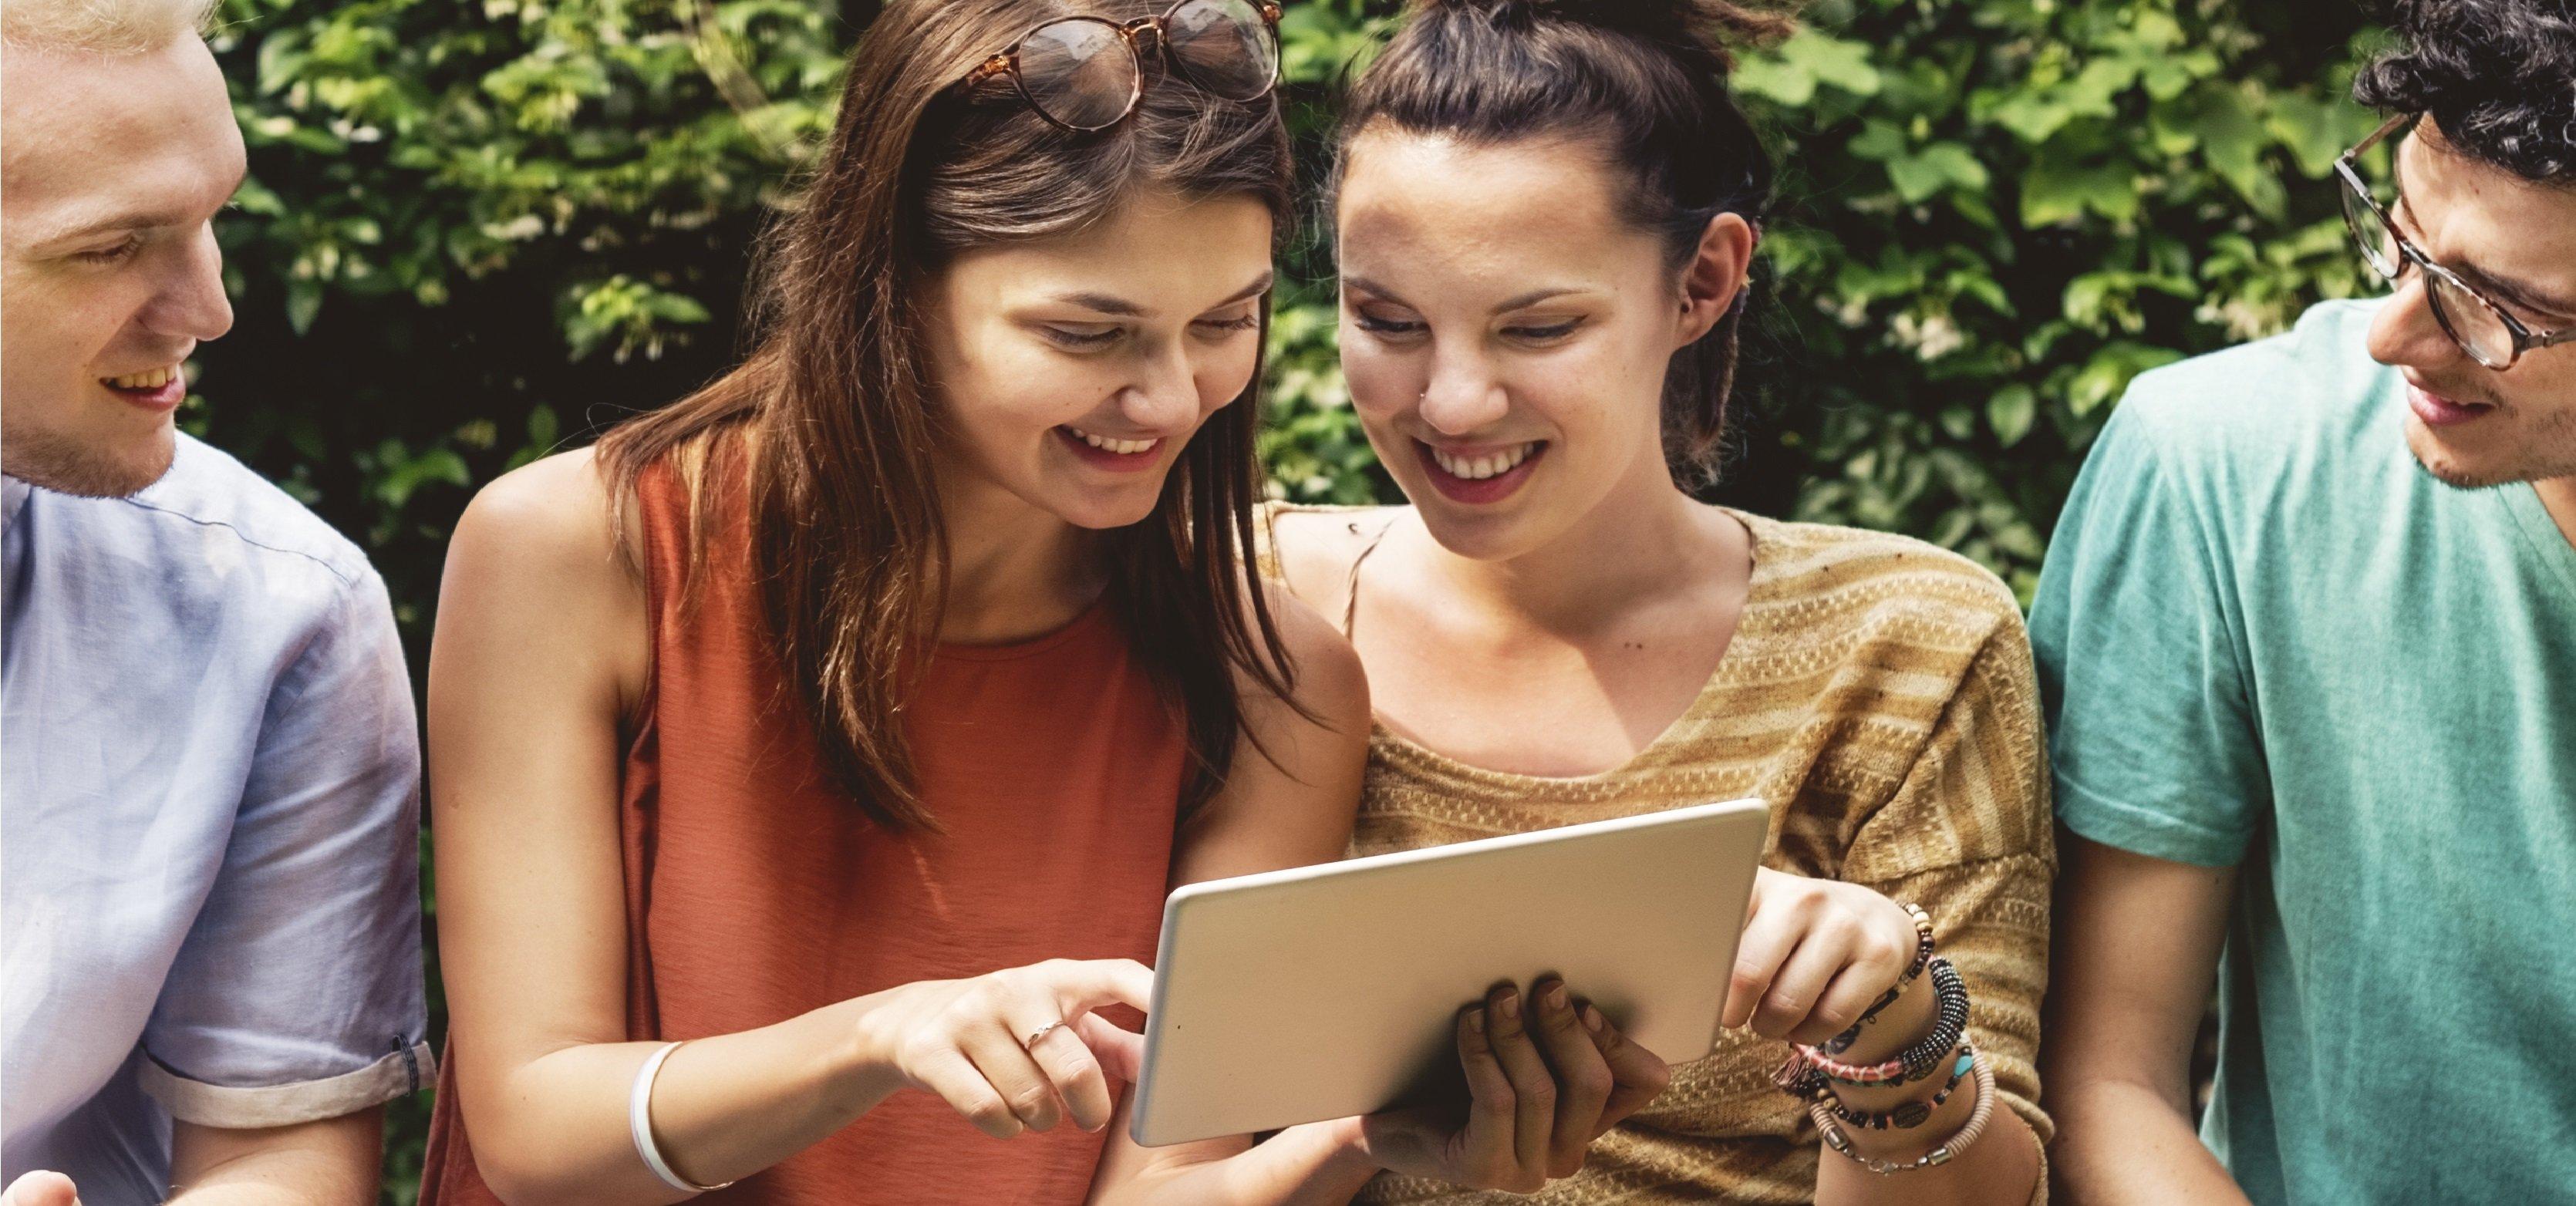 Best 30 online learning platforms for Millennials   AlphaGamma